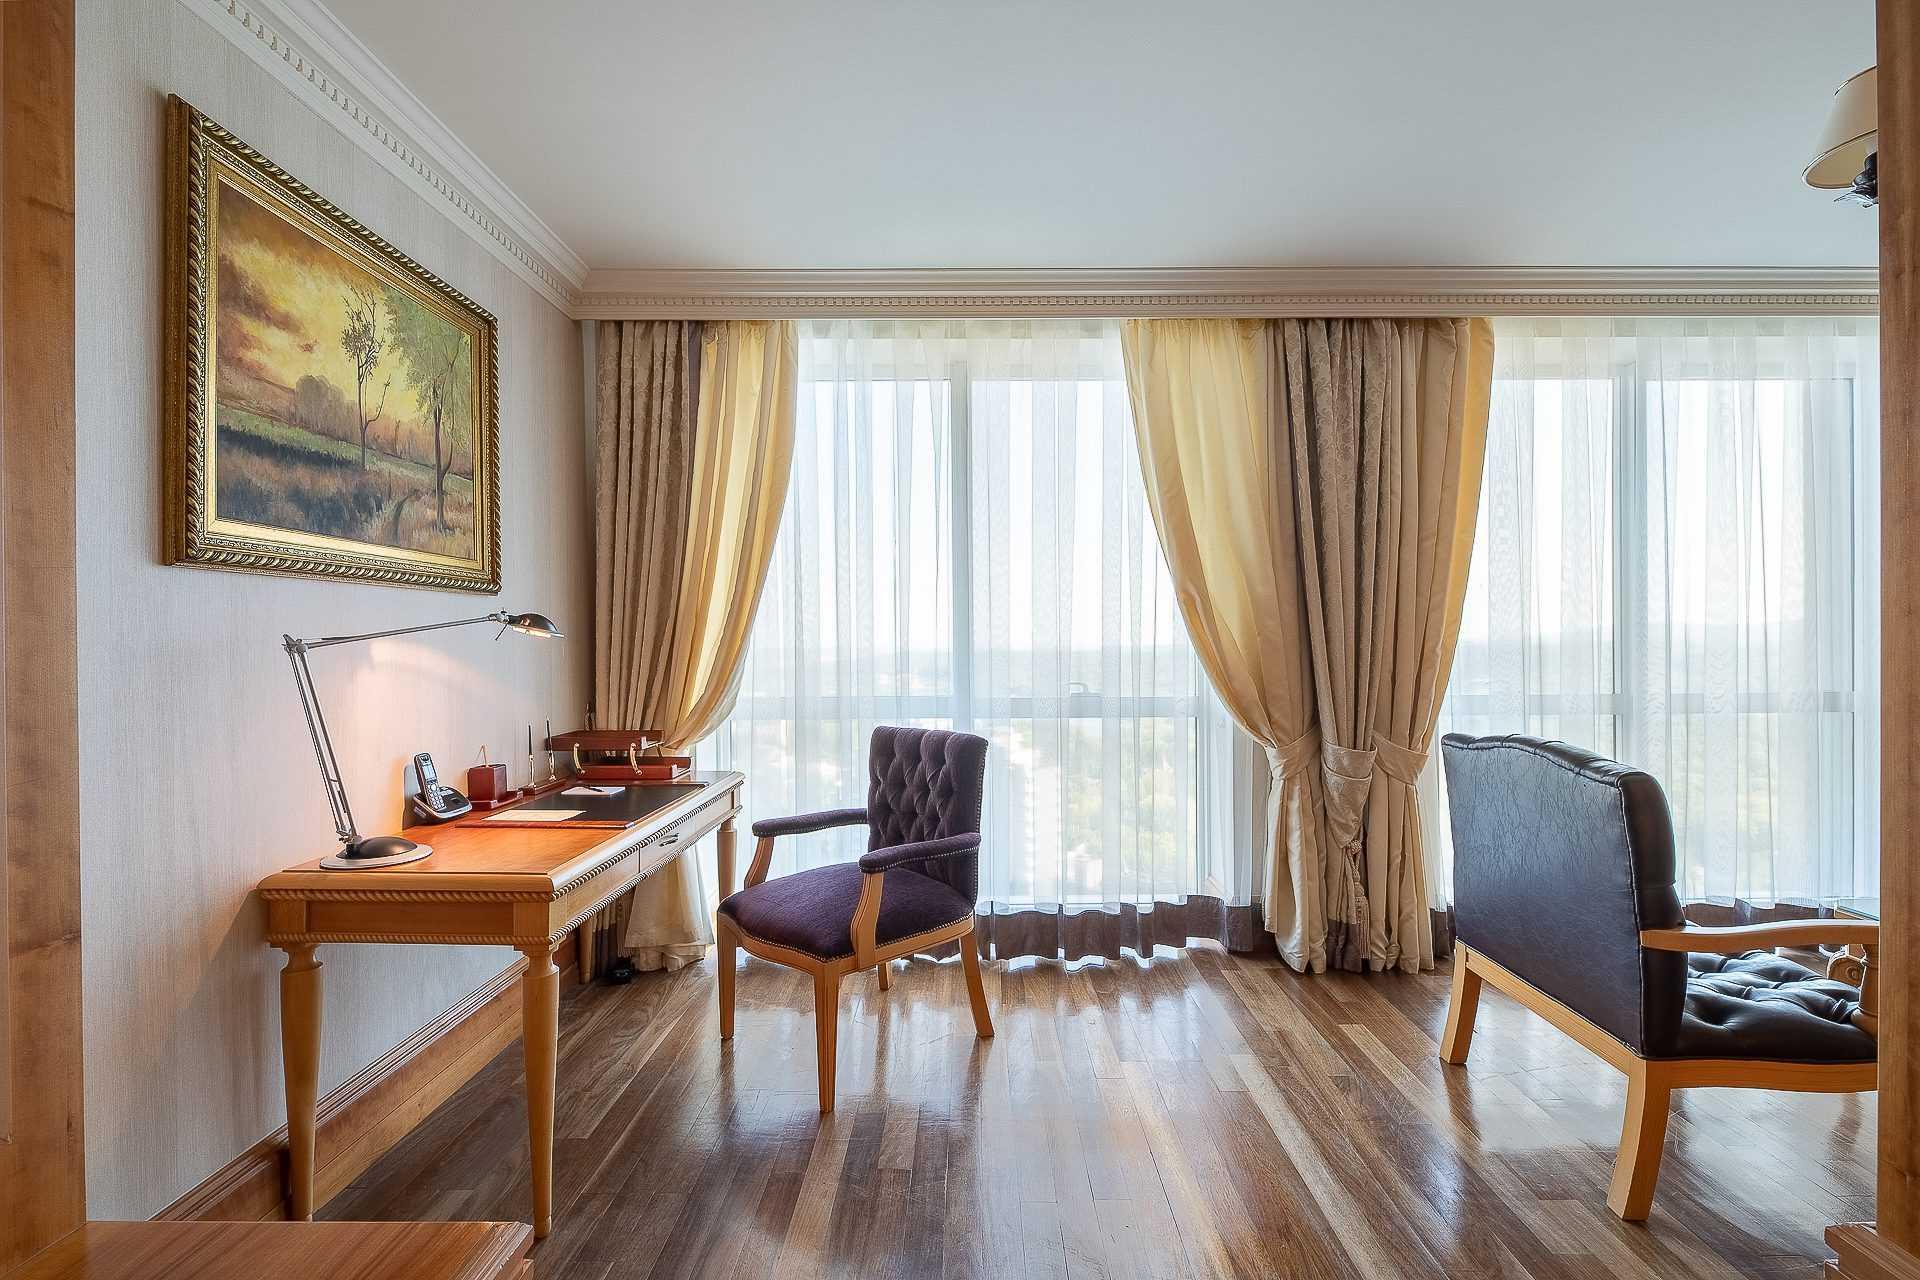 Забронировать номер Апартаментты в отеле Риксос Прикарпатье